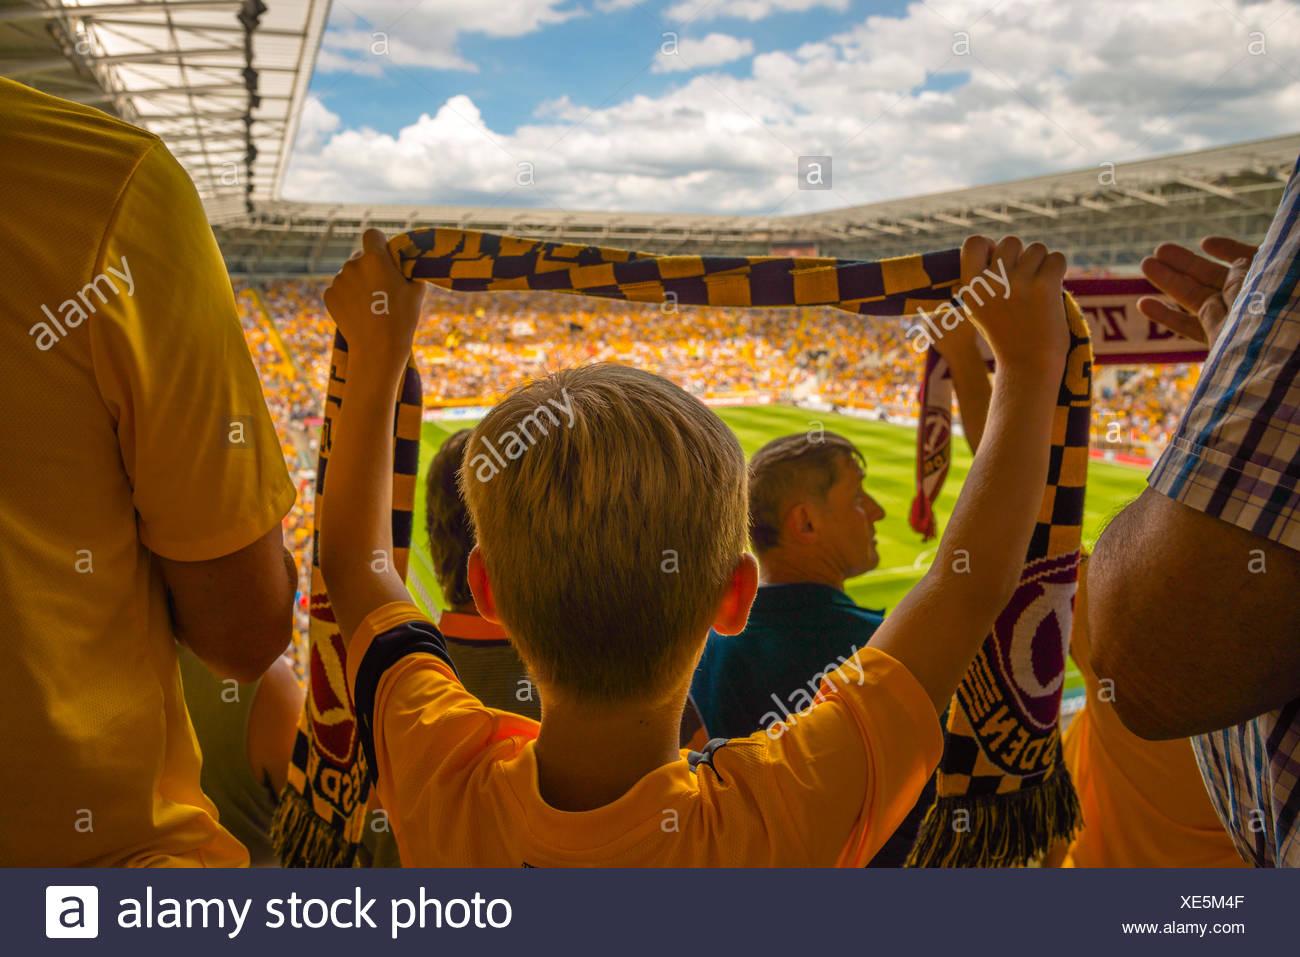 Glücksgas Stadium Stock Photos & Glücksgas Stadium Stock ...